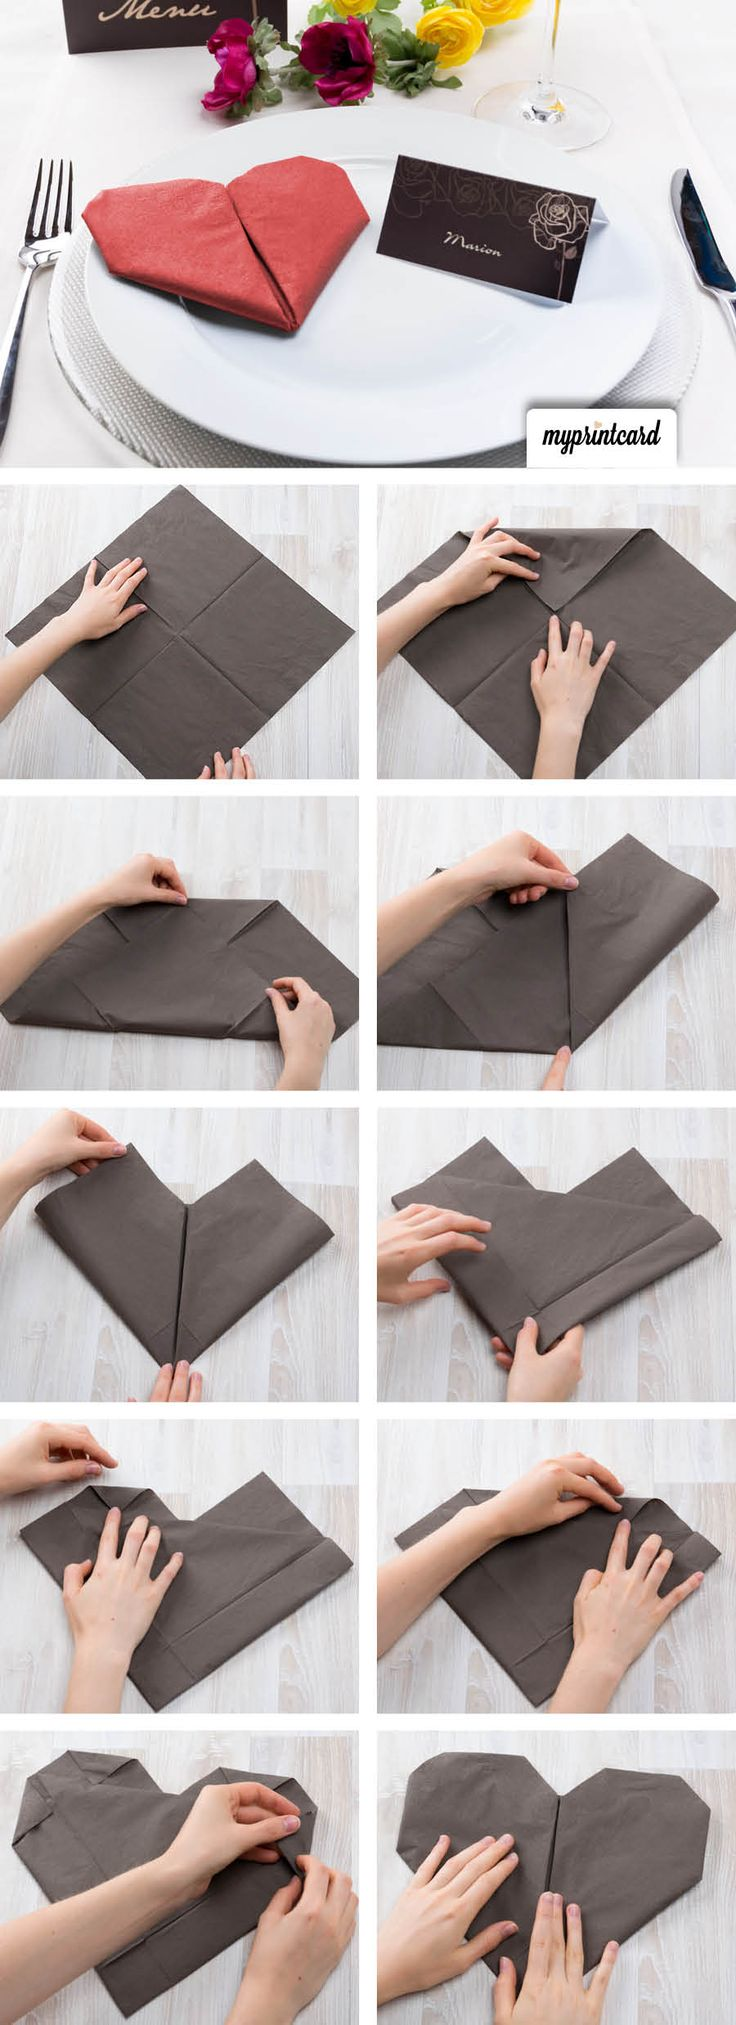 die besten 20 servietten ideen auf pinterest. Black Bedroom Furniture Sets. Home Design Ideas